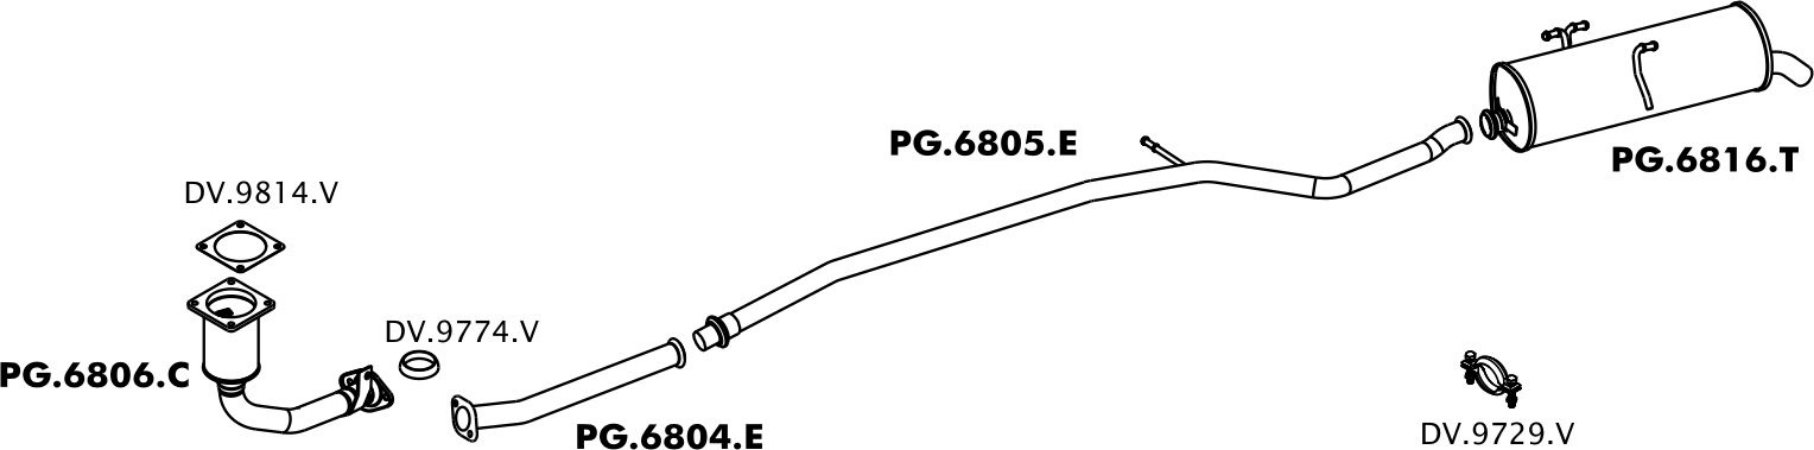 Tubo Escapamento Do Motor Peugeot 206 1.4 2004 / 2009